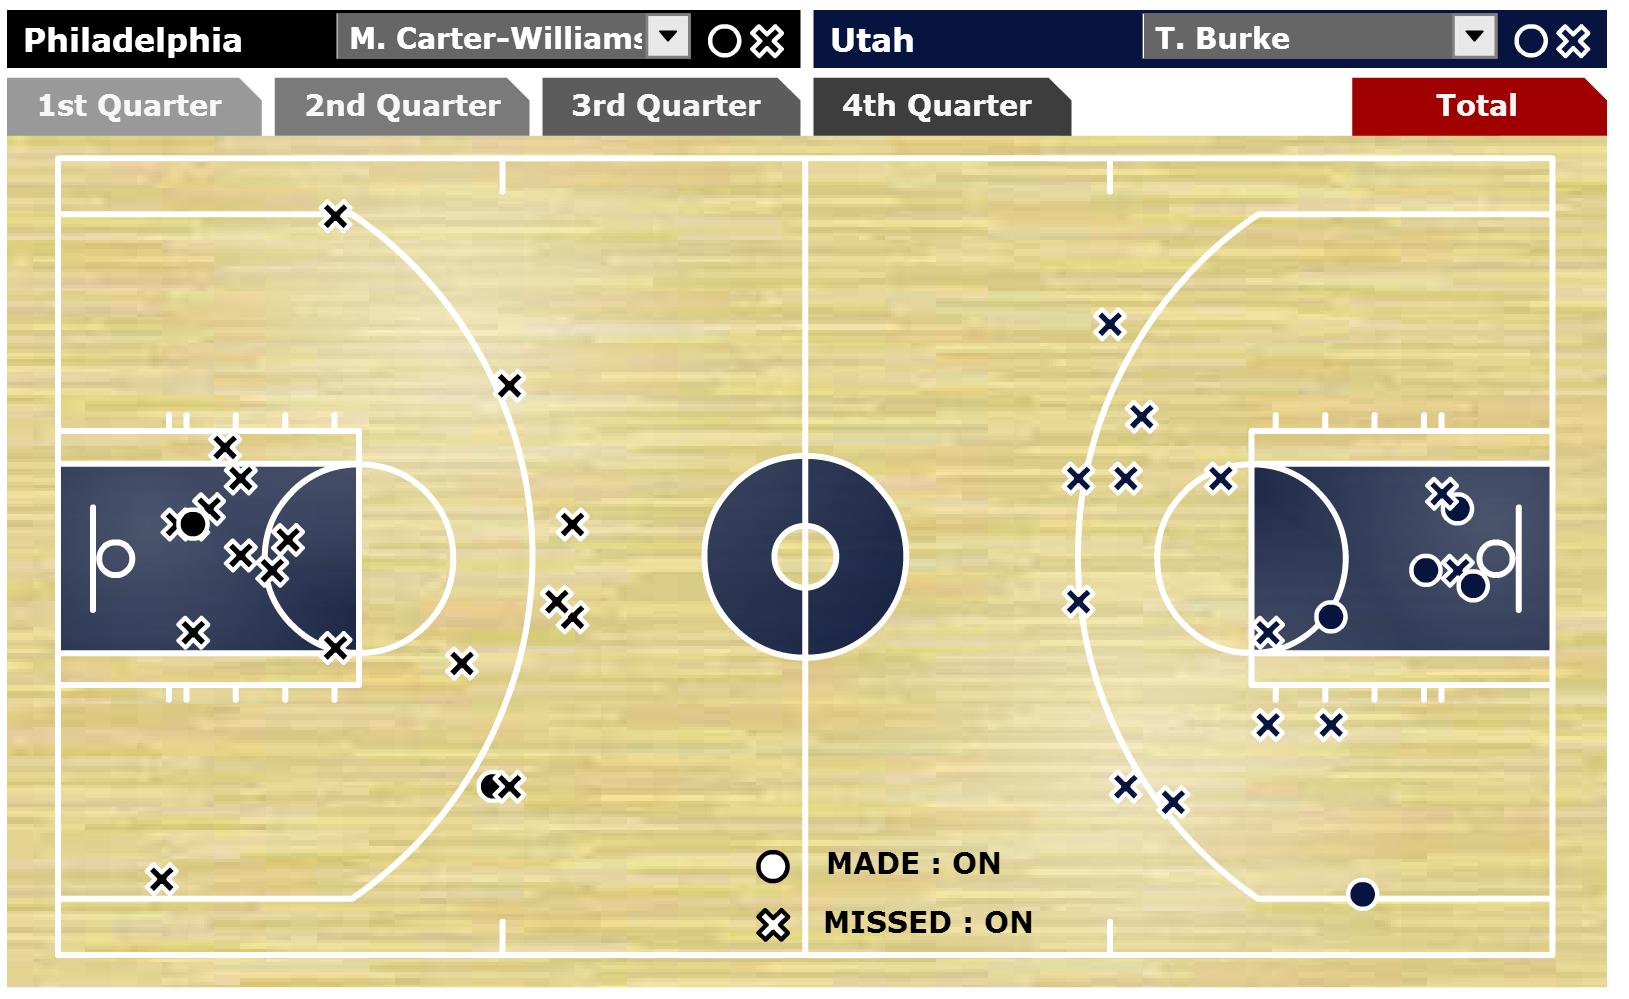 Shot chart from ESPN.com.